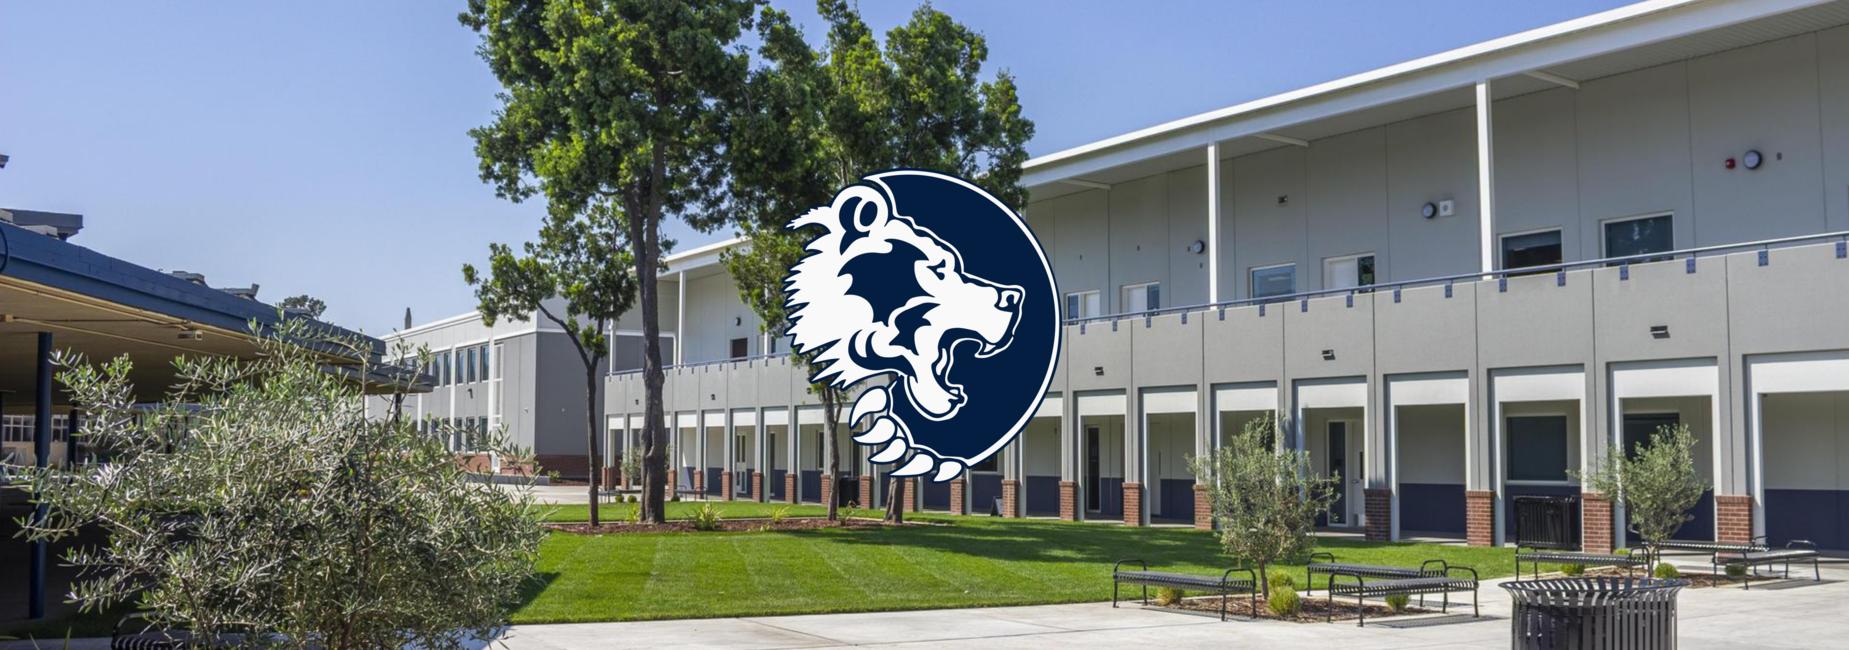 branham high school campus and logo